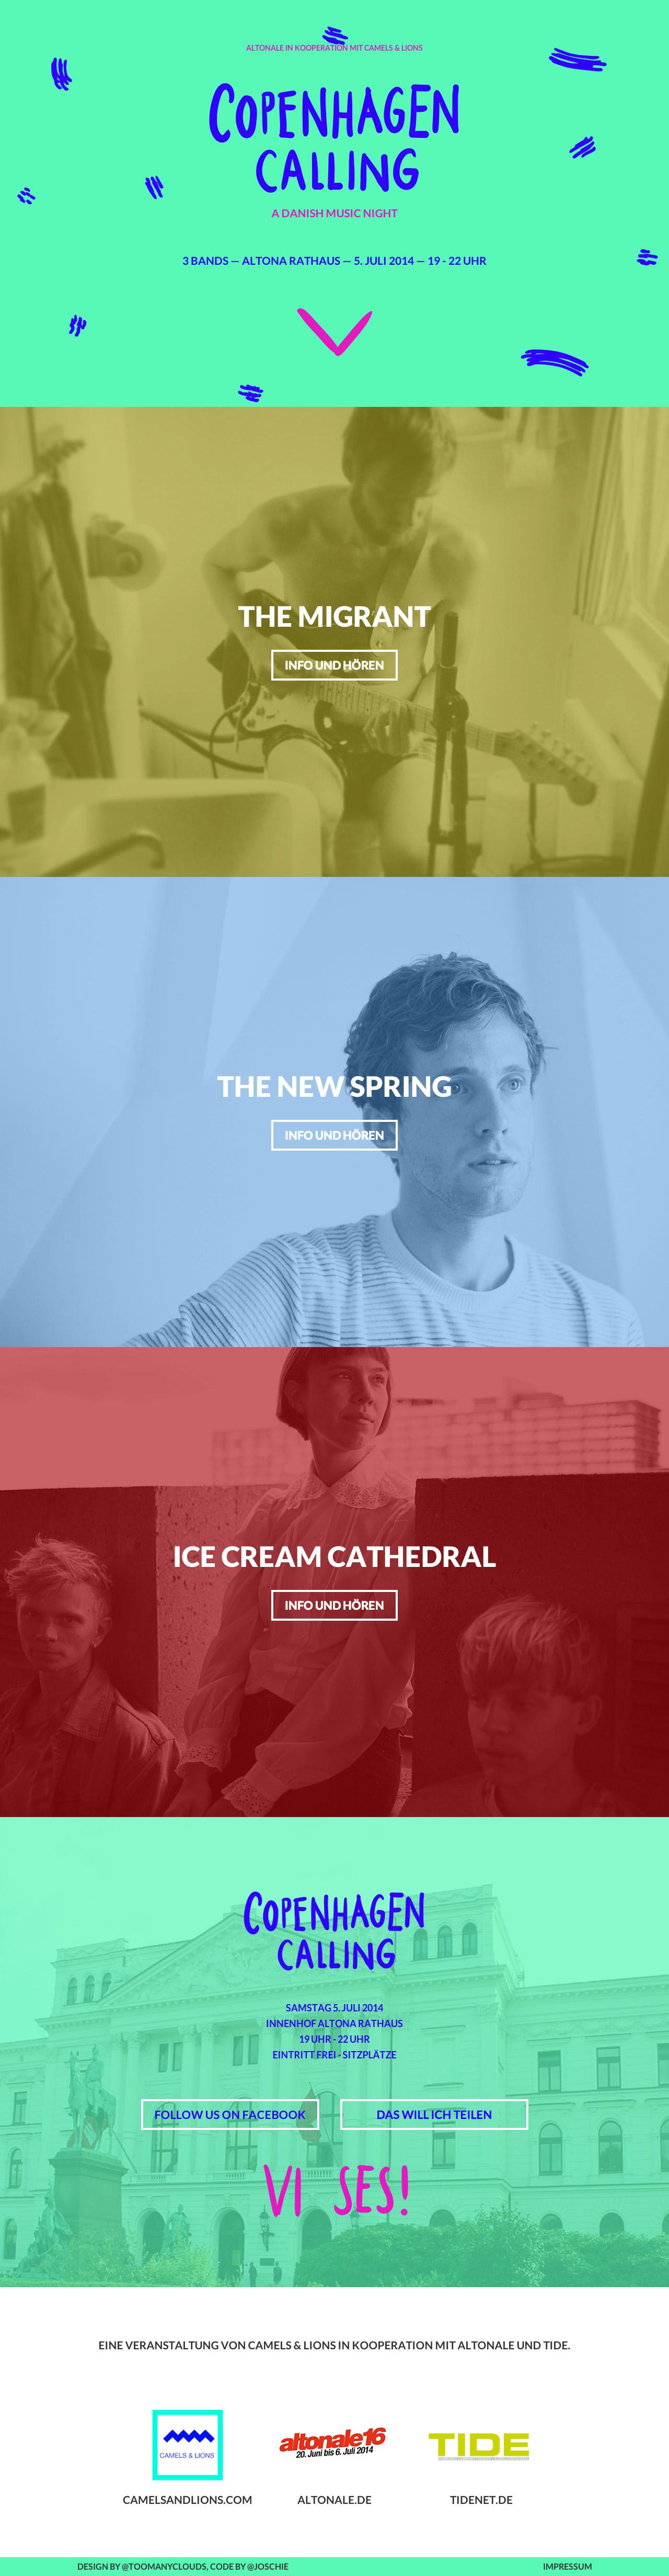 Copenhagen Calling Website Screenshot